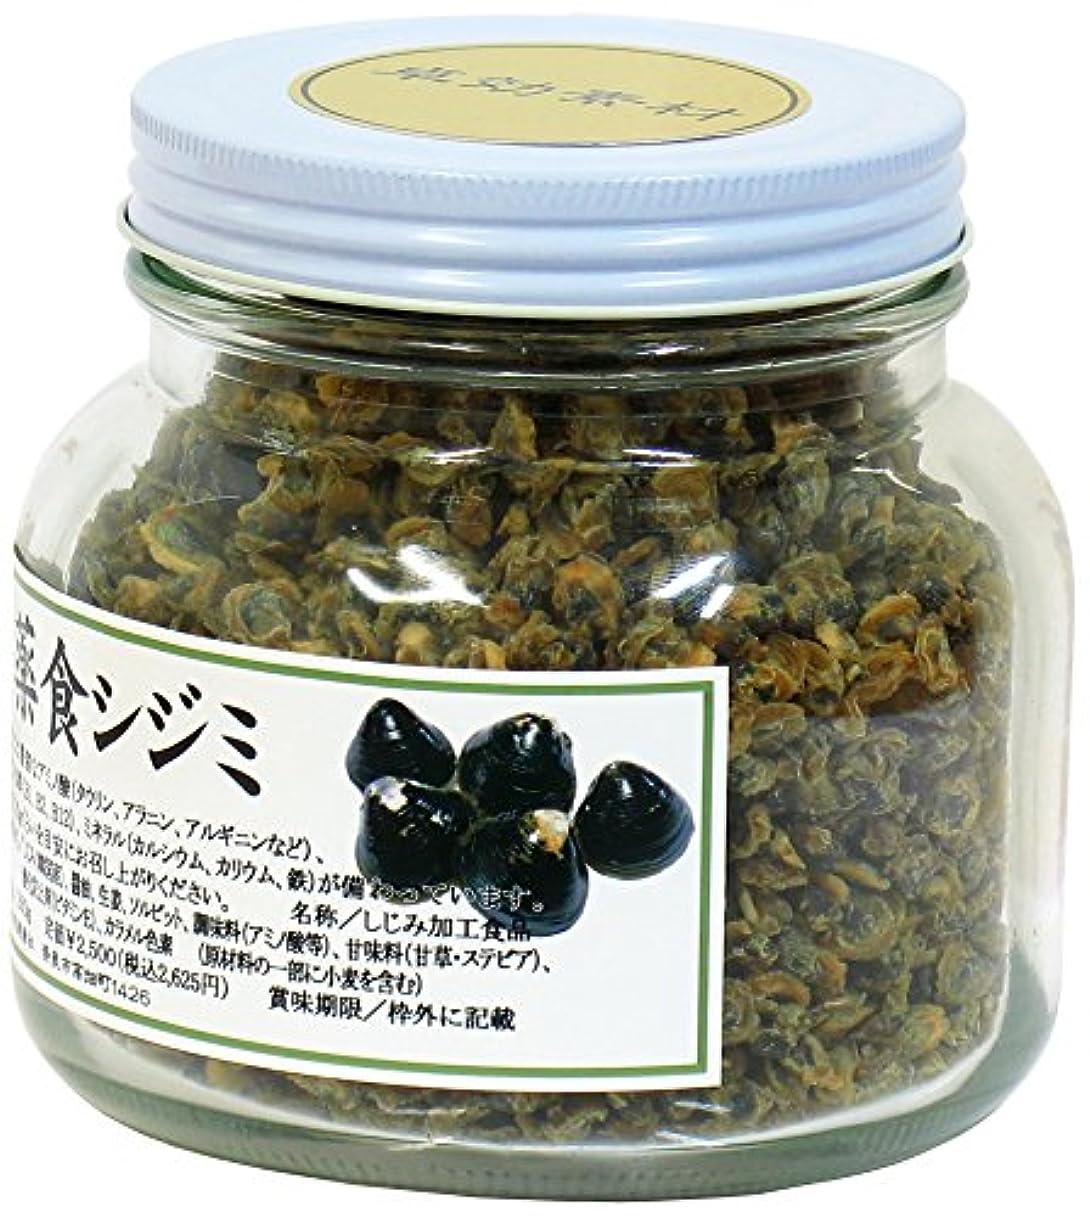 気取らない白鳥アナニバー薬食シジミ260g 乾燥 オルニチン タウリン